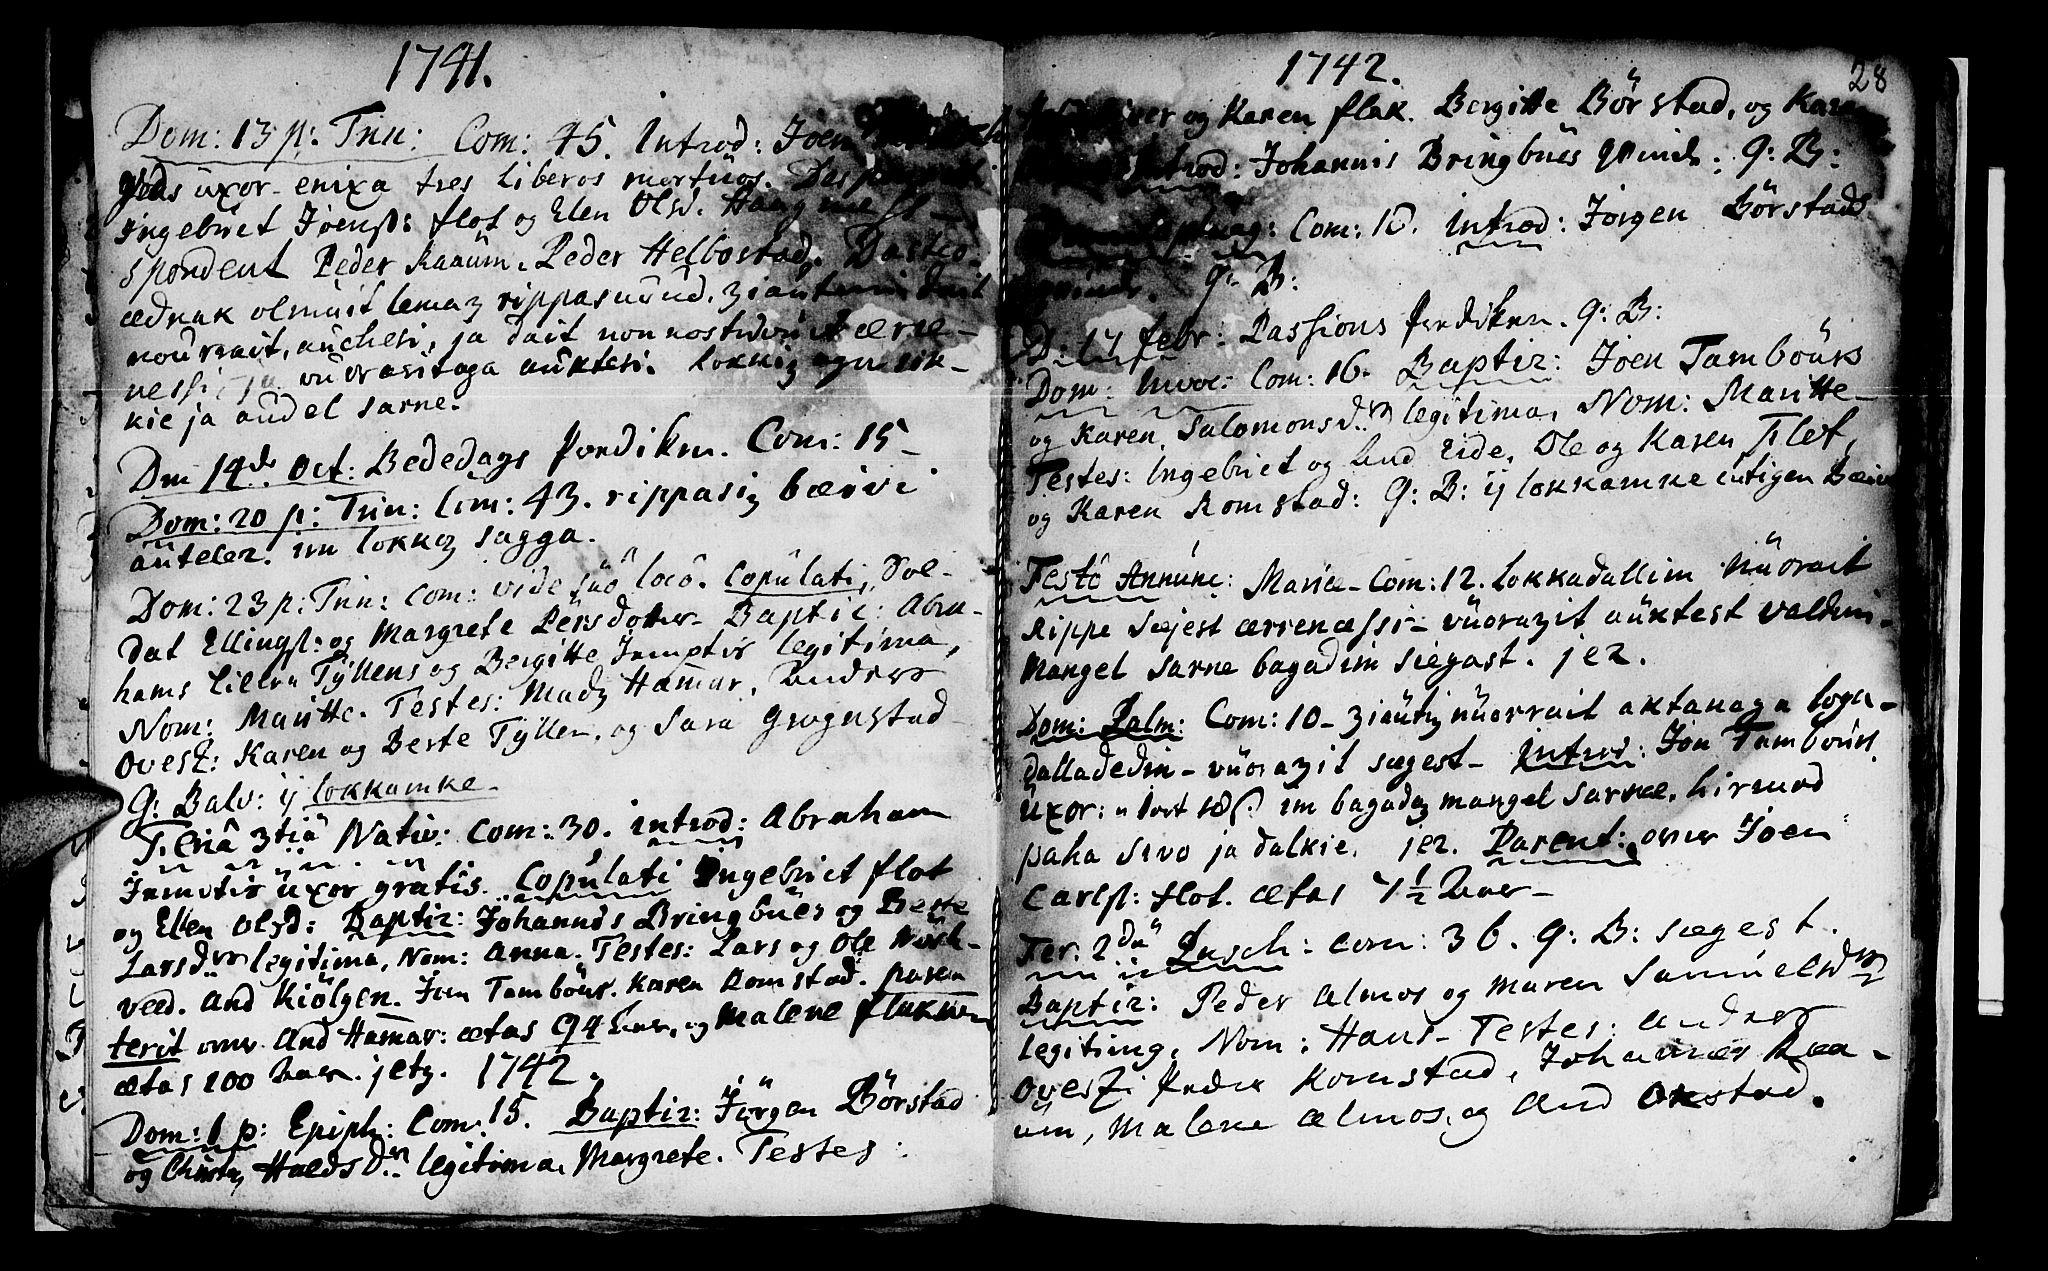 SAT, Ministerialprotokoller, klokkerbøker og fødselsregistre - Nord-Trøndelag, 765/L0560: Ministerialbok nr. 765A01, 1706-1748, s. 28